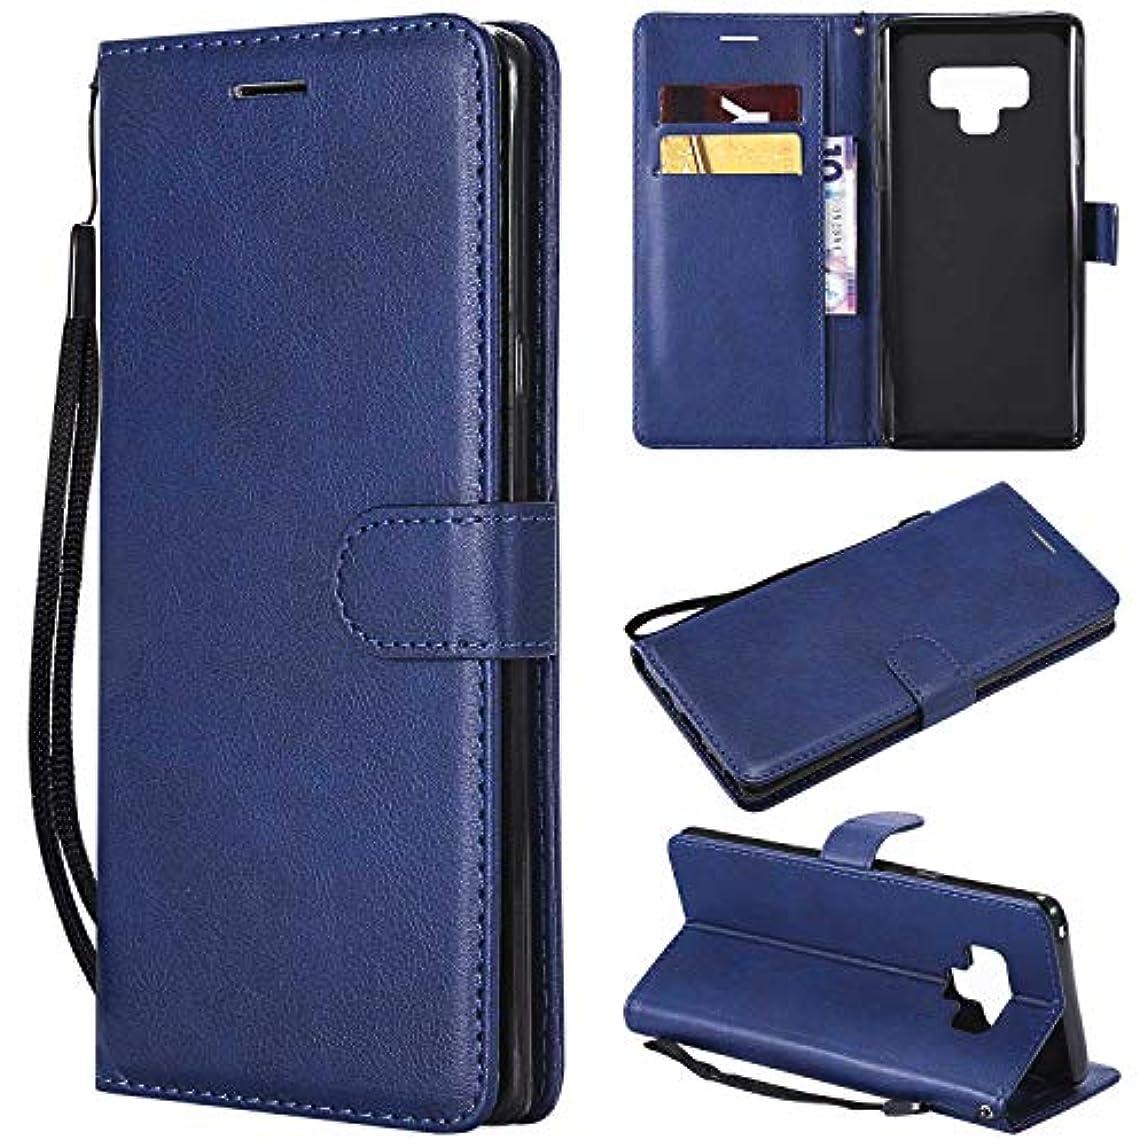 寄生虫ノミネート包帯Galaxy Note 9 ケース手帳型 OMATENTI レザー 革 薄型 手帳型カバー カード入れ スタンド機能 サムスン Galaxy Note 9 おしゃれ 手帳ケース (6-ブルー)